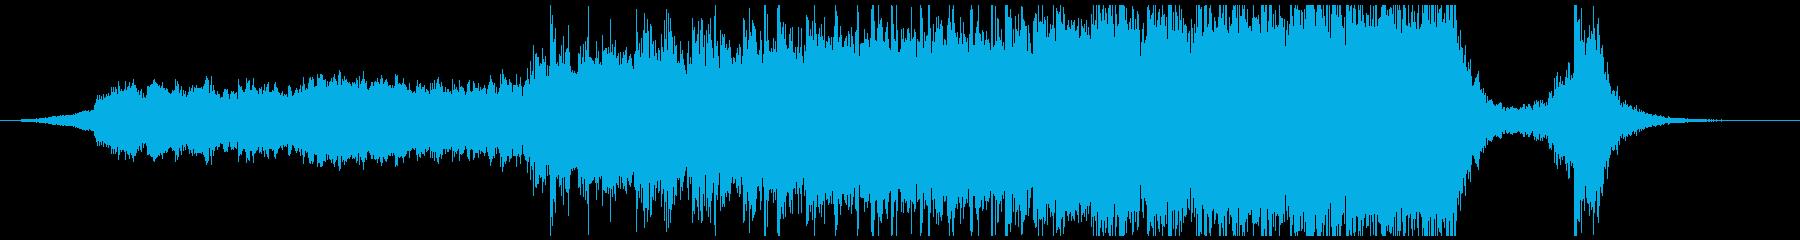 現代的 交響曲 エレクトロ 広い ...の再生済みの波形